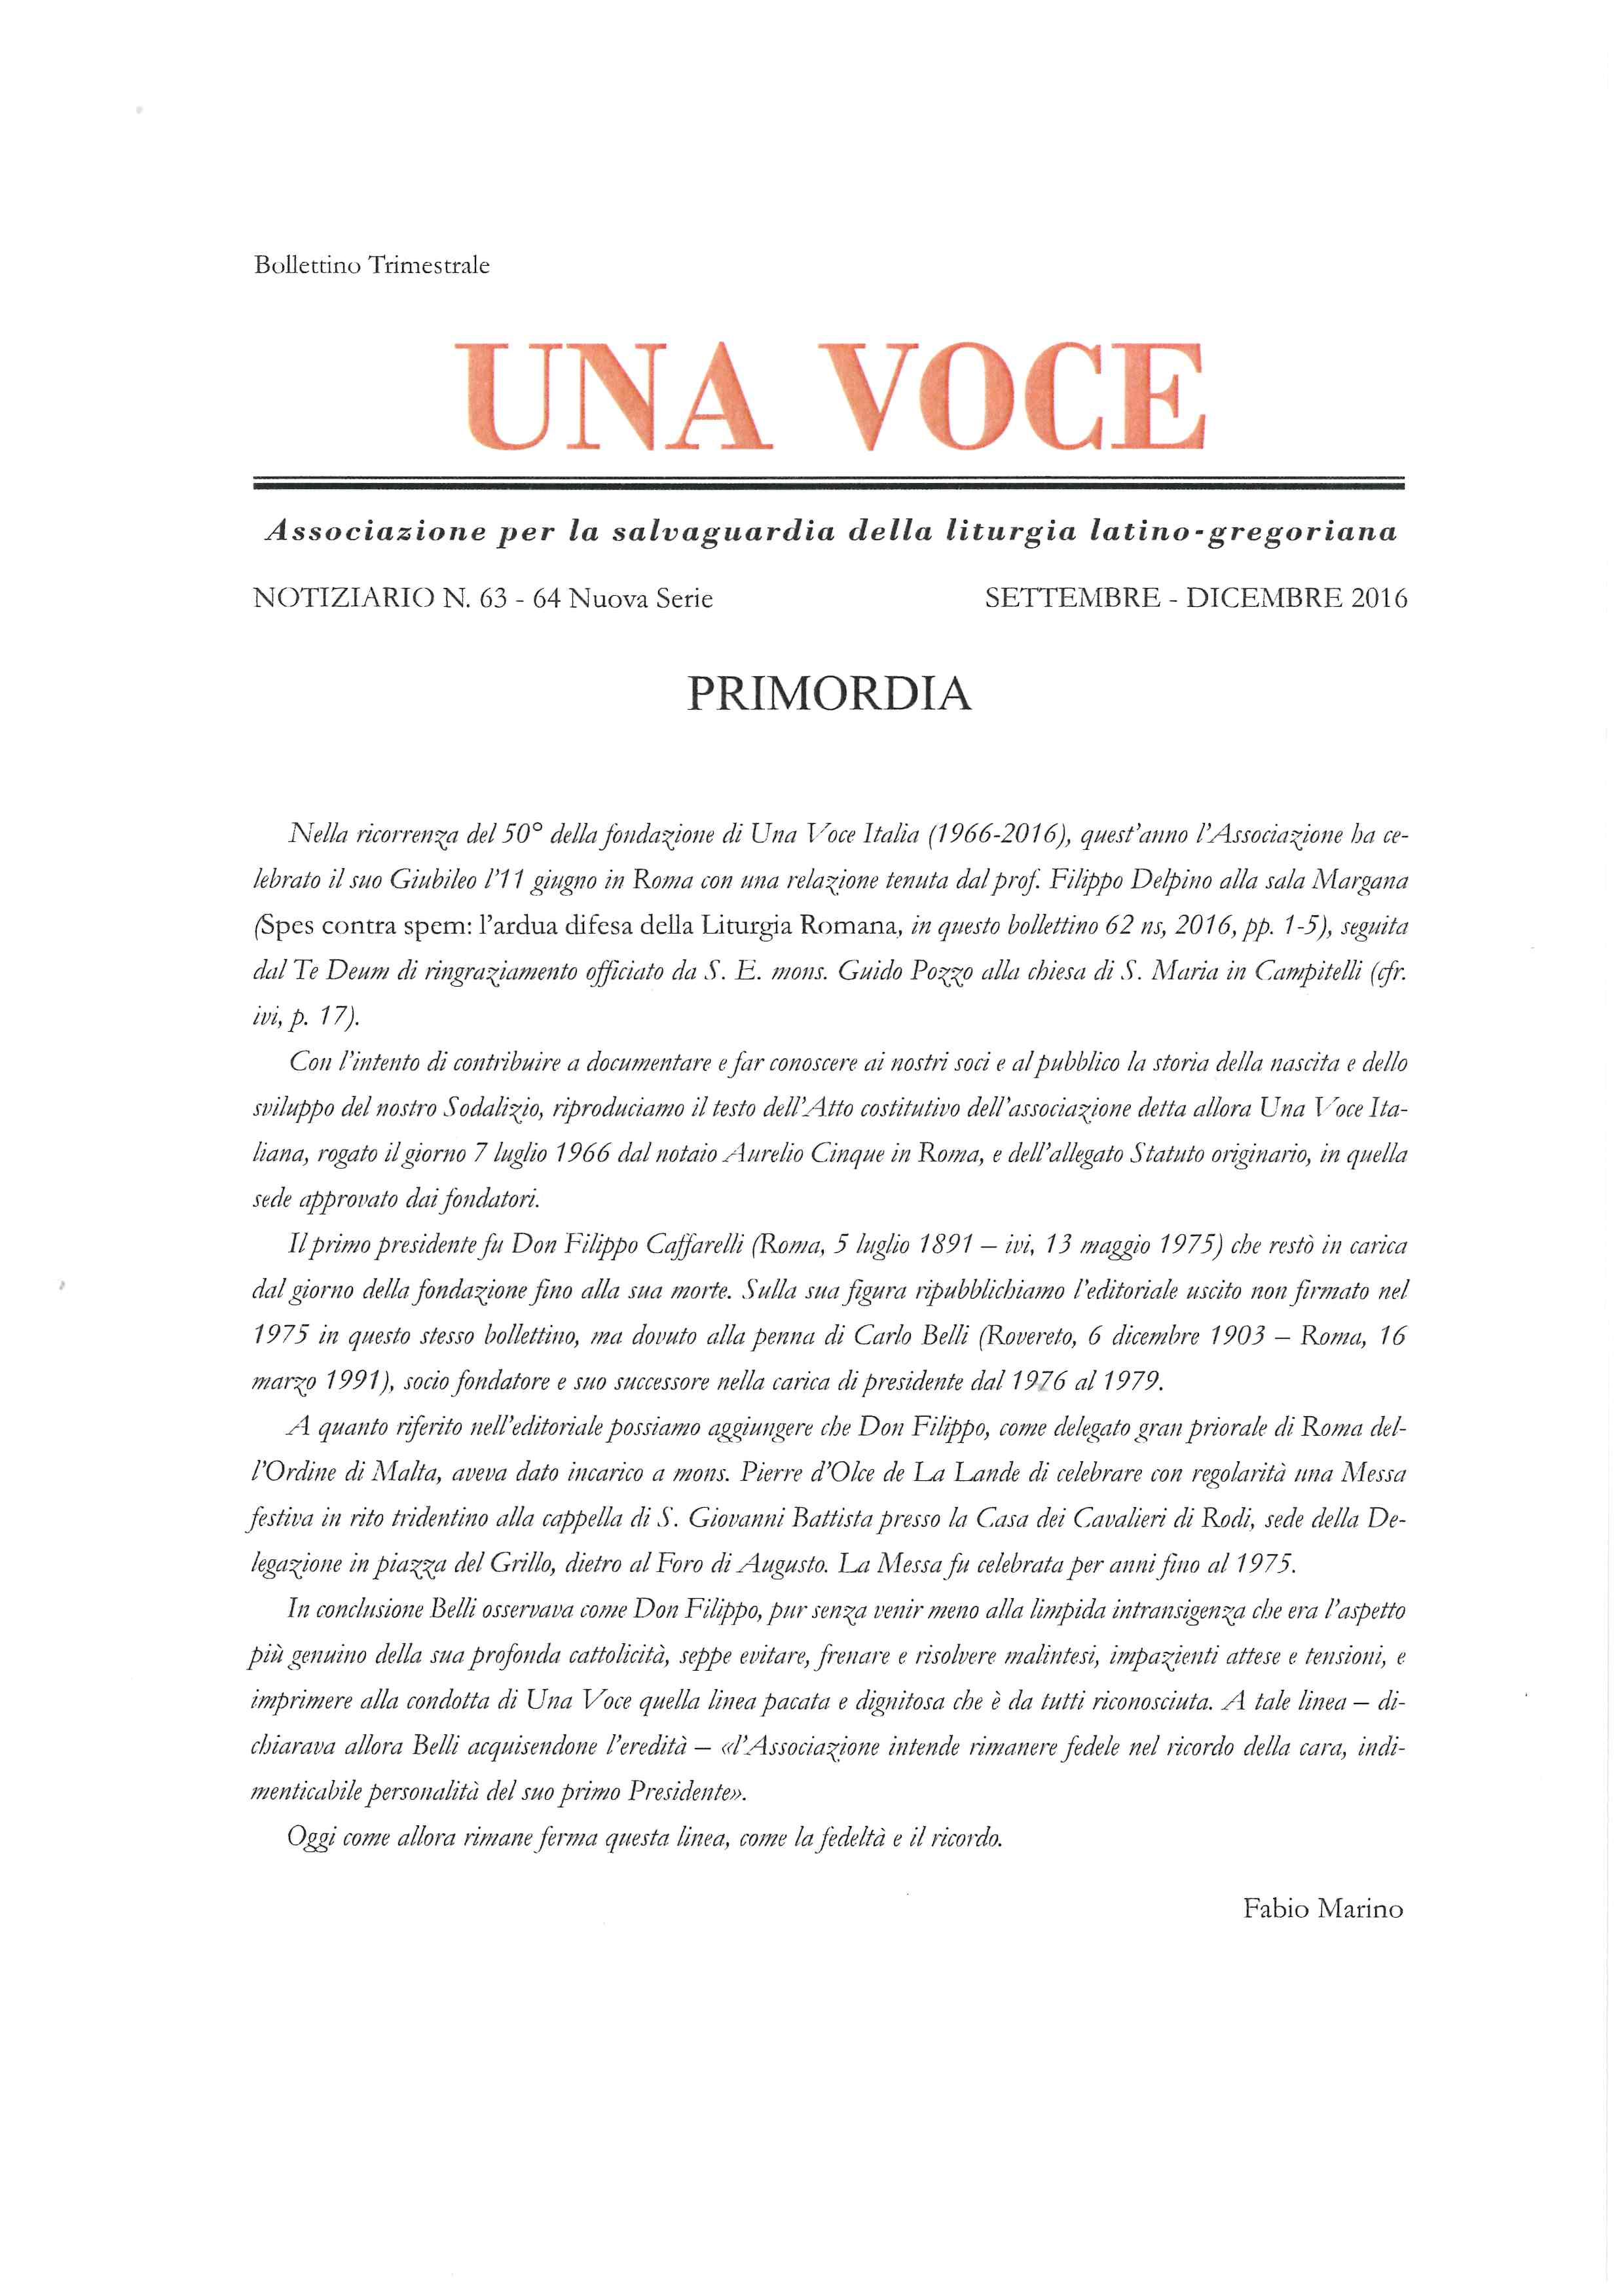 Una Voce Notiziario 63-64 ns